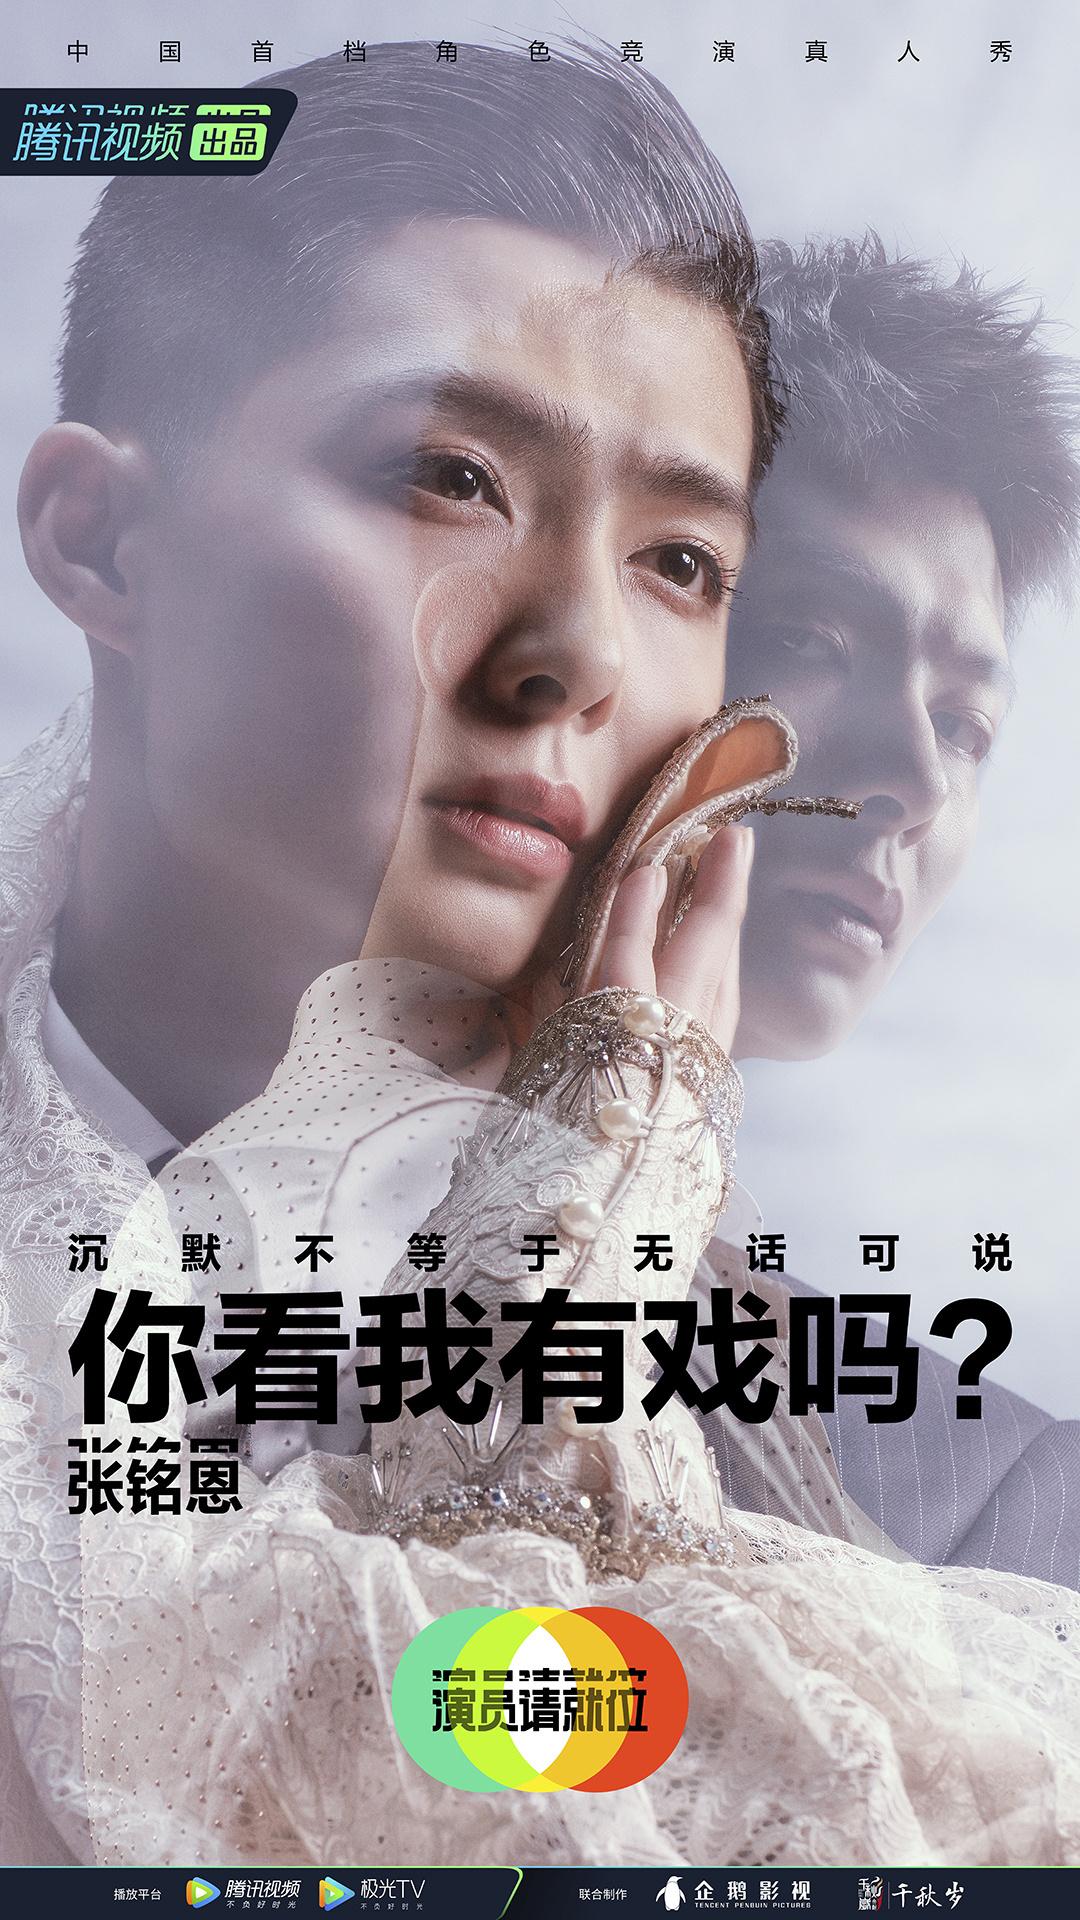 《演员请就位》第二季官宣阵容张铭恩、李智楠、张逸杰、王智、胡杏